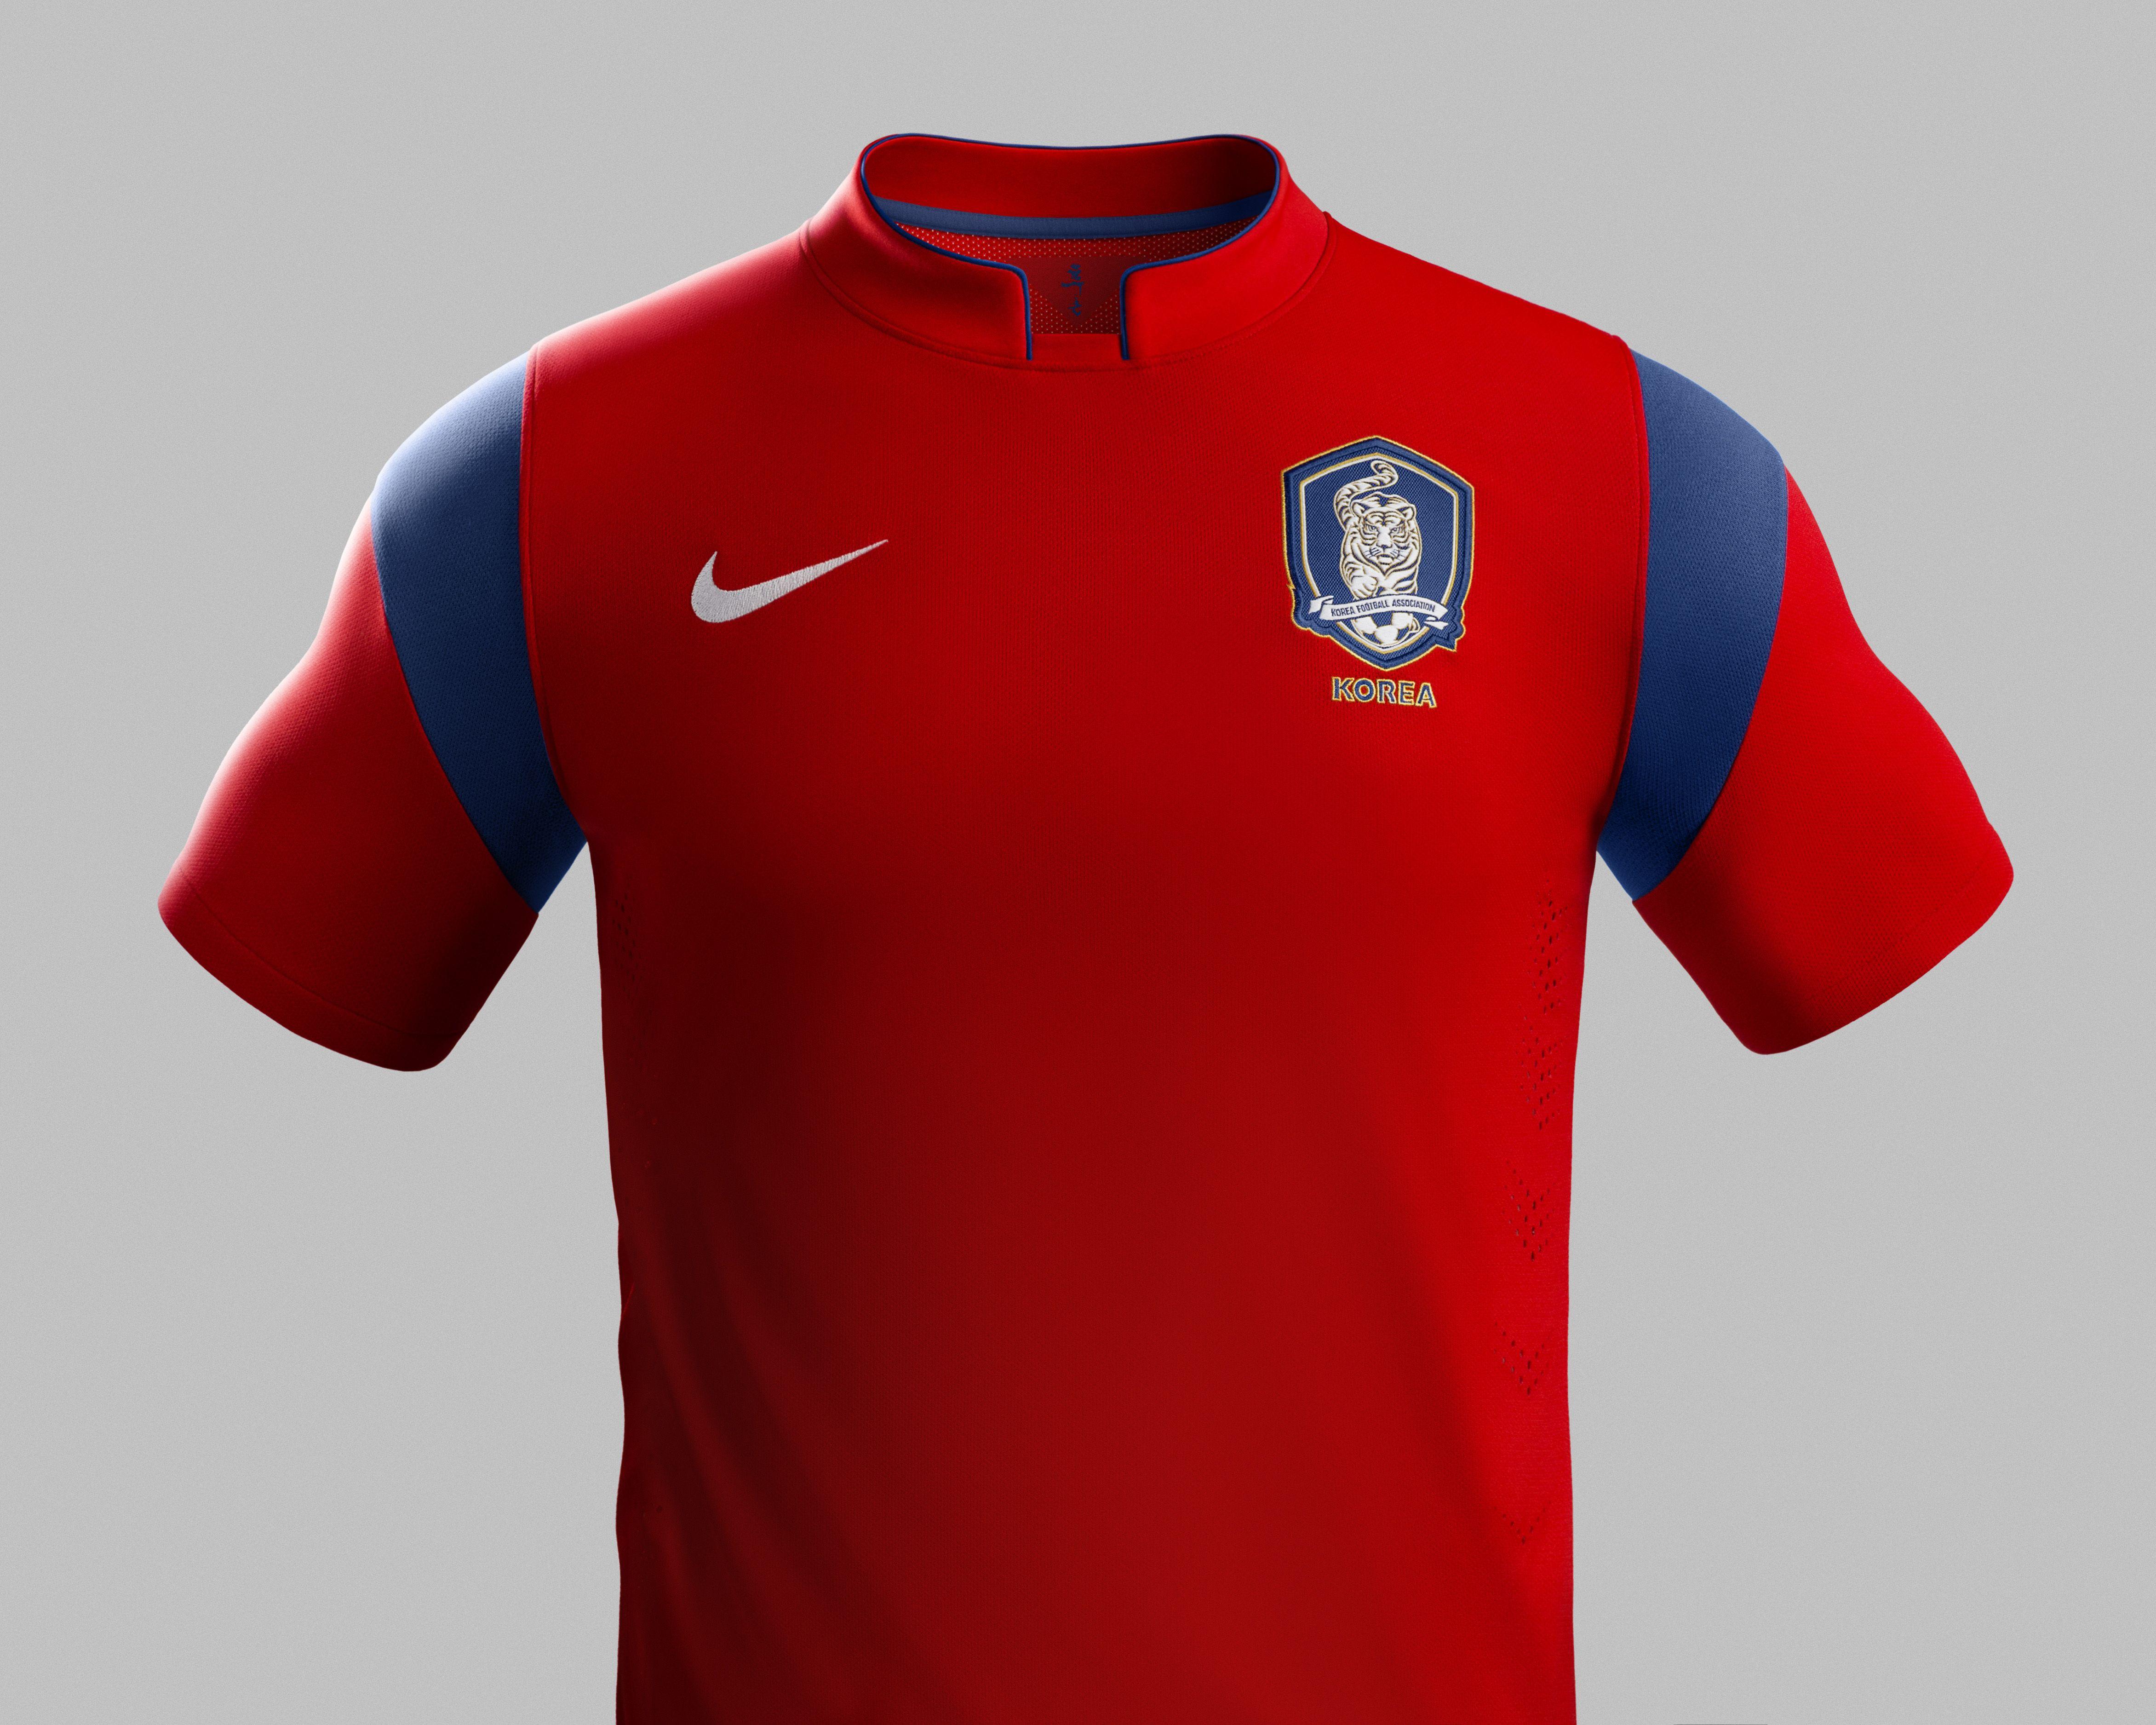 South Korea Home Kit for World Cup 2014  worldcup  brazil2014  korea   soccer  football  KOR 8d05c9d3d